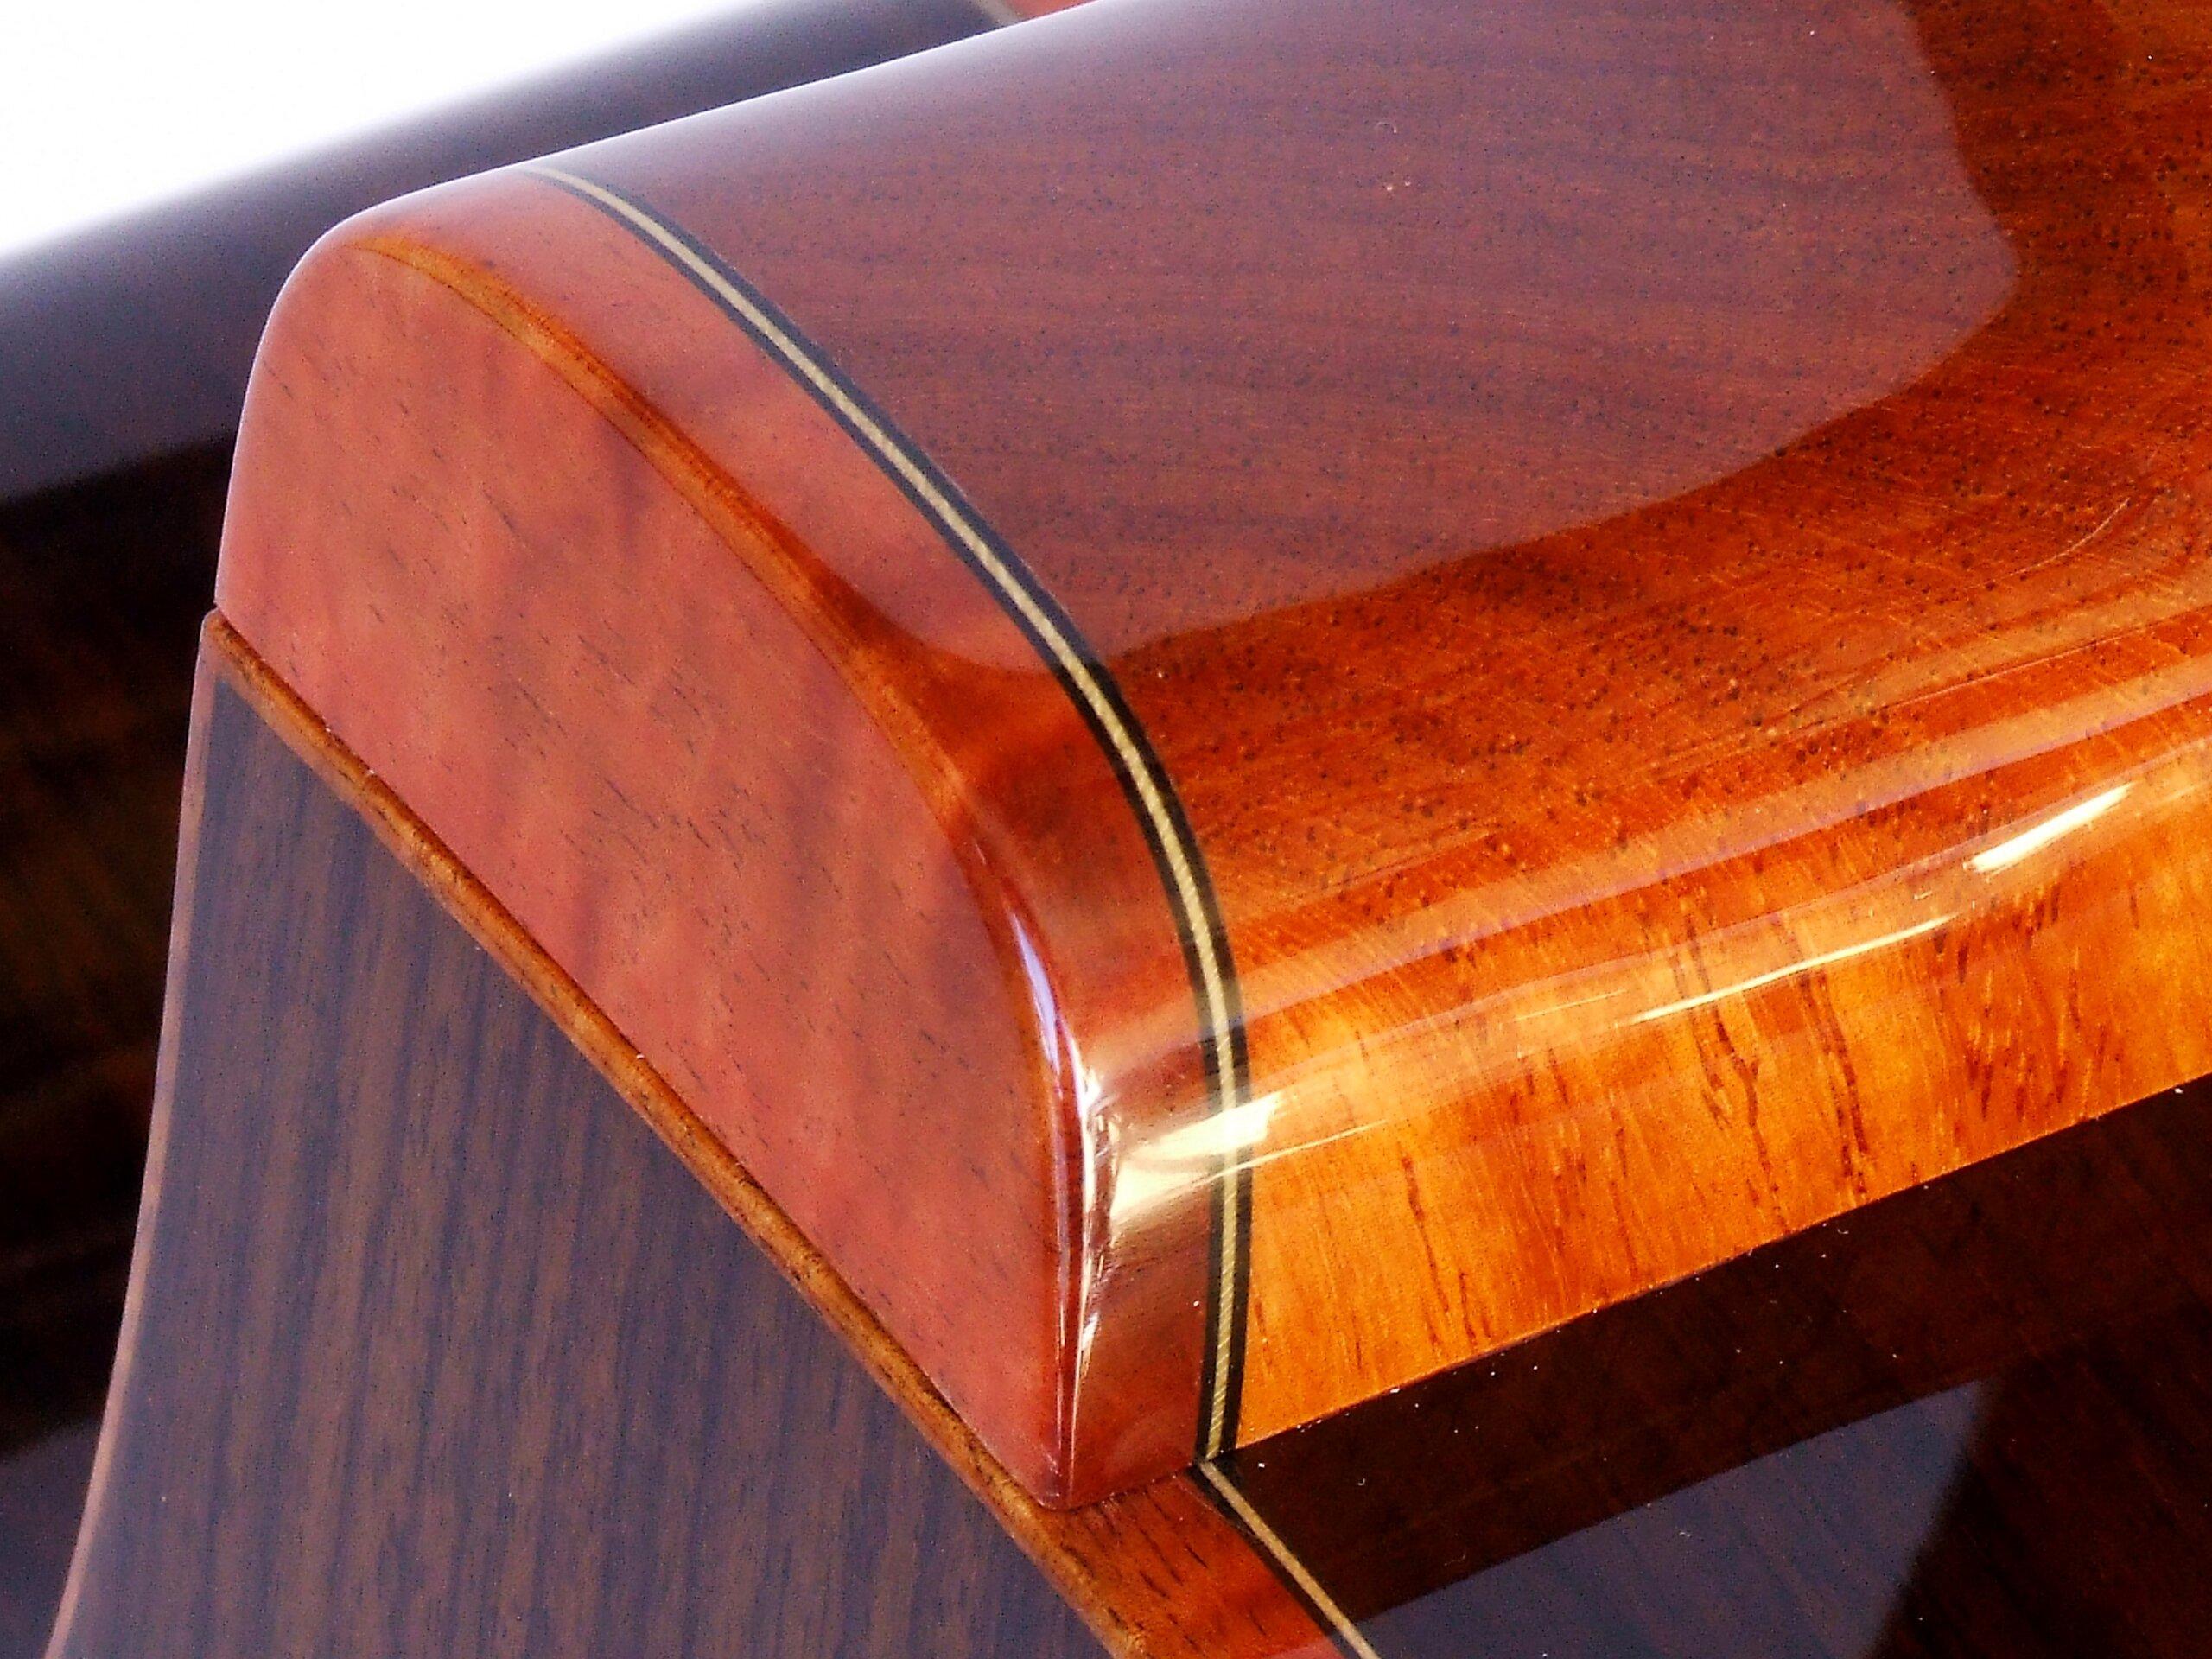 Detail of the heel cap on a steel string cutaway guitar